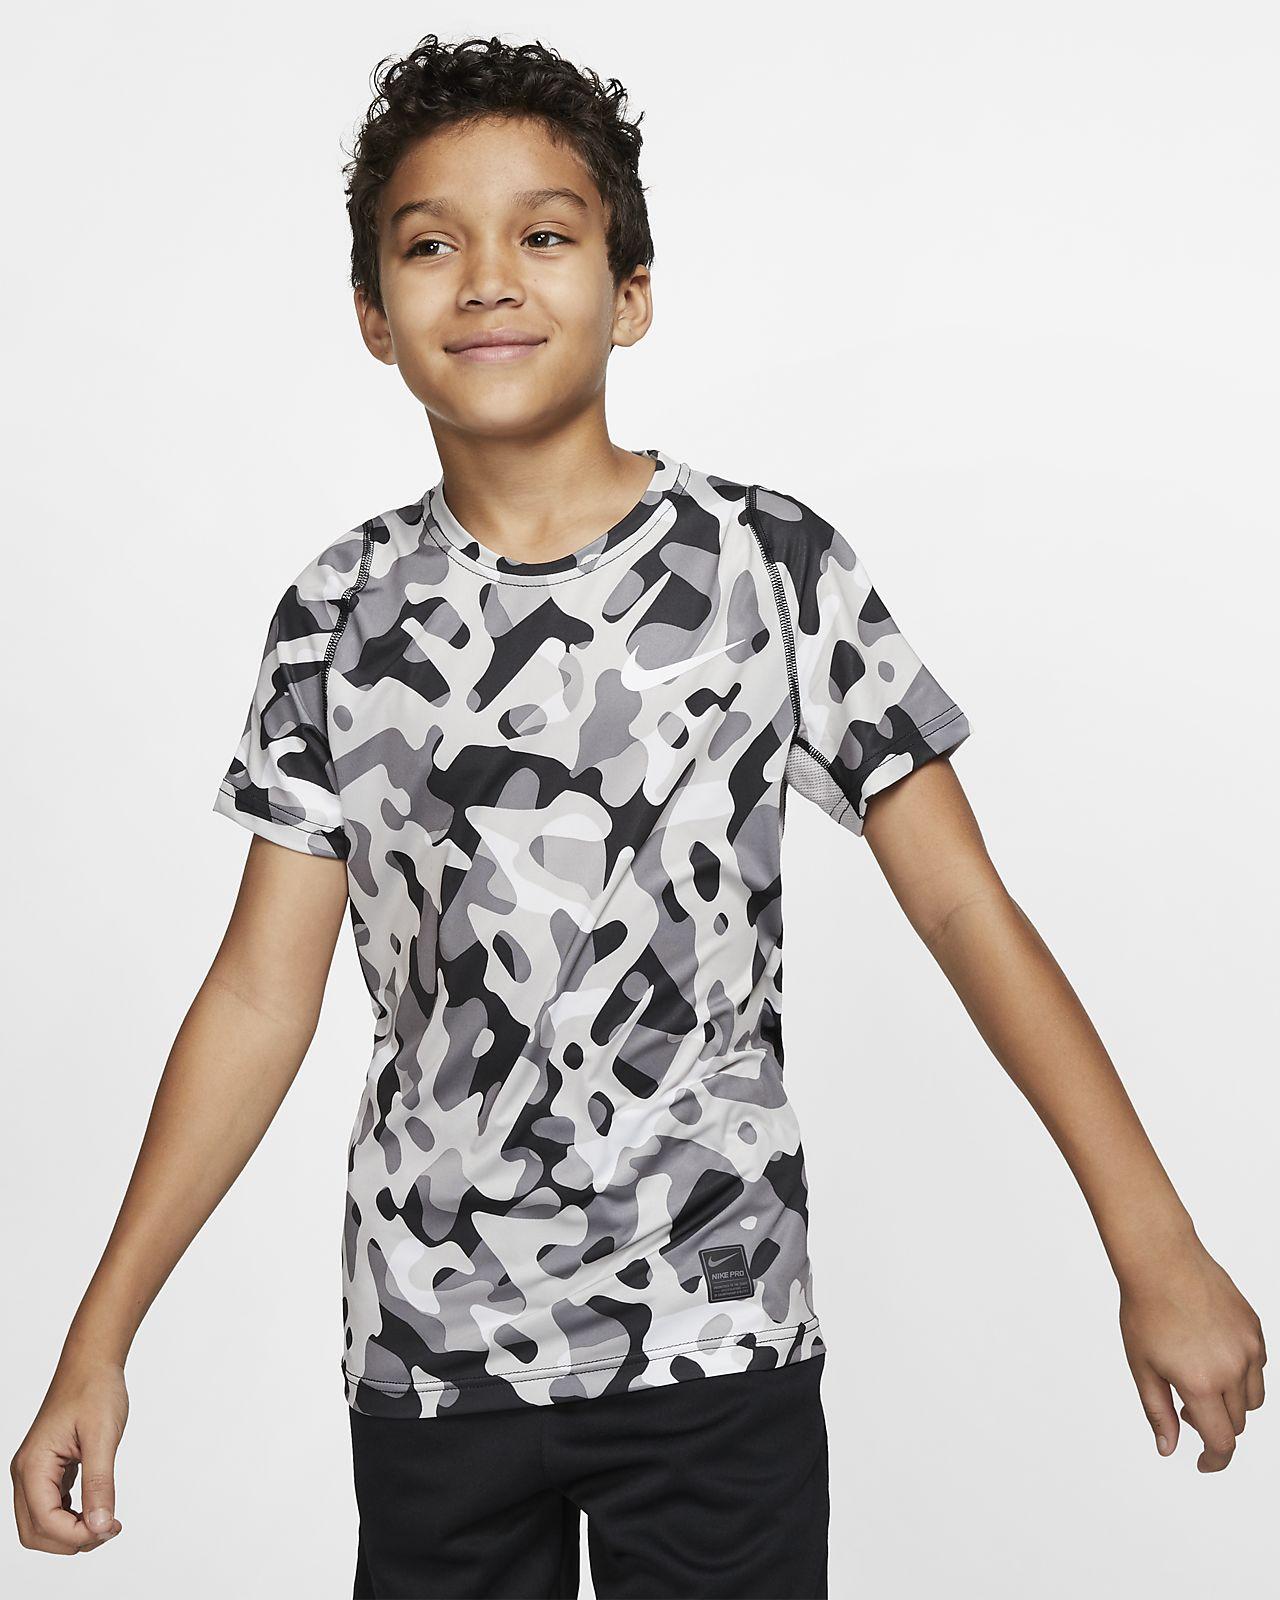 Nike Pro Kurzarm-Oberteil mit Print für Jungen